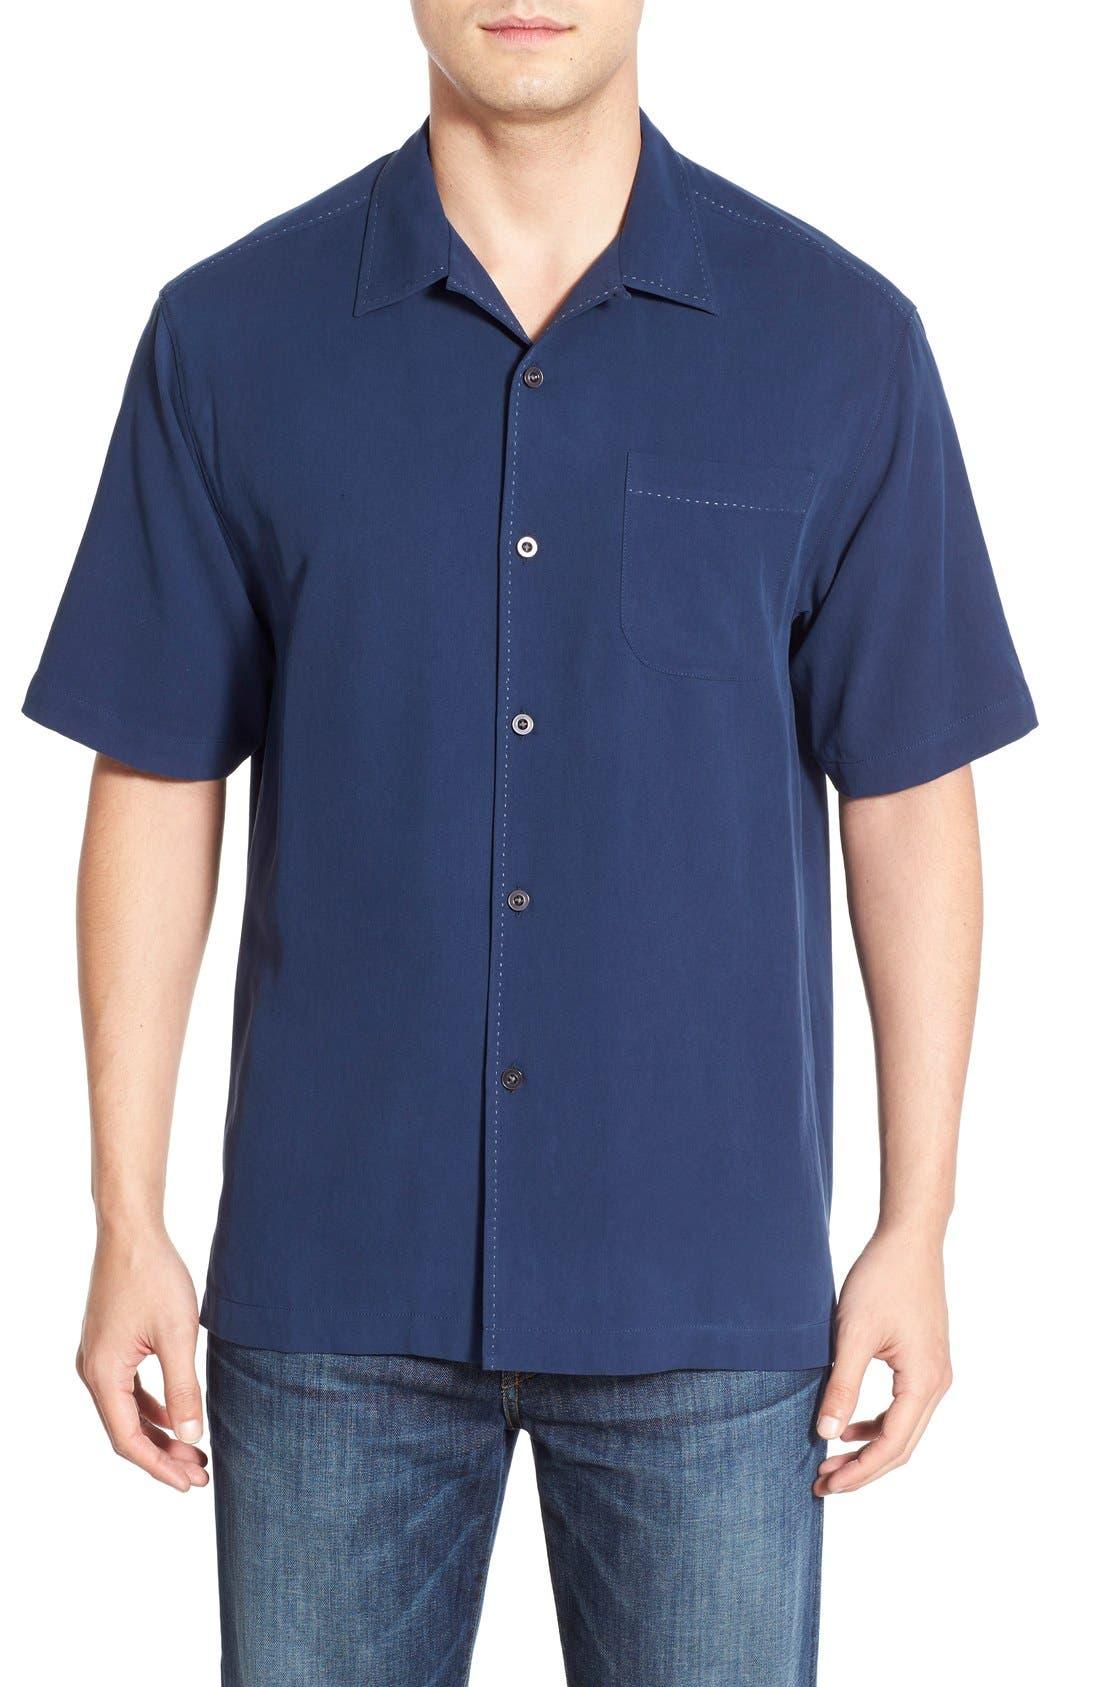 'Catalina Twill' Original Fit Silk Camp Shirt,                             Main thumbnail 1, color,                             Navy